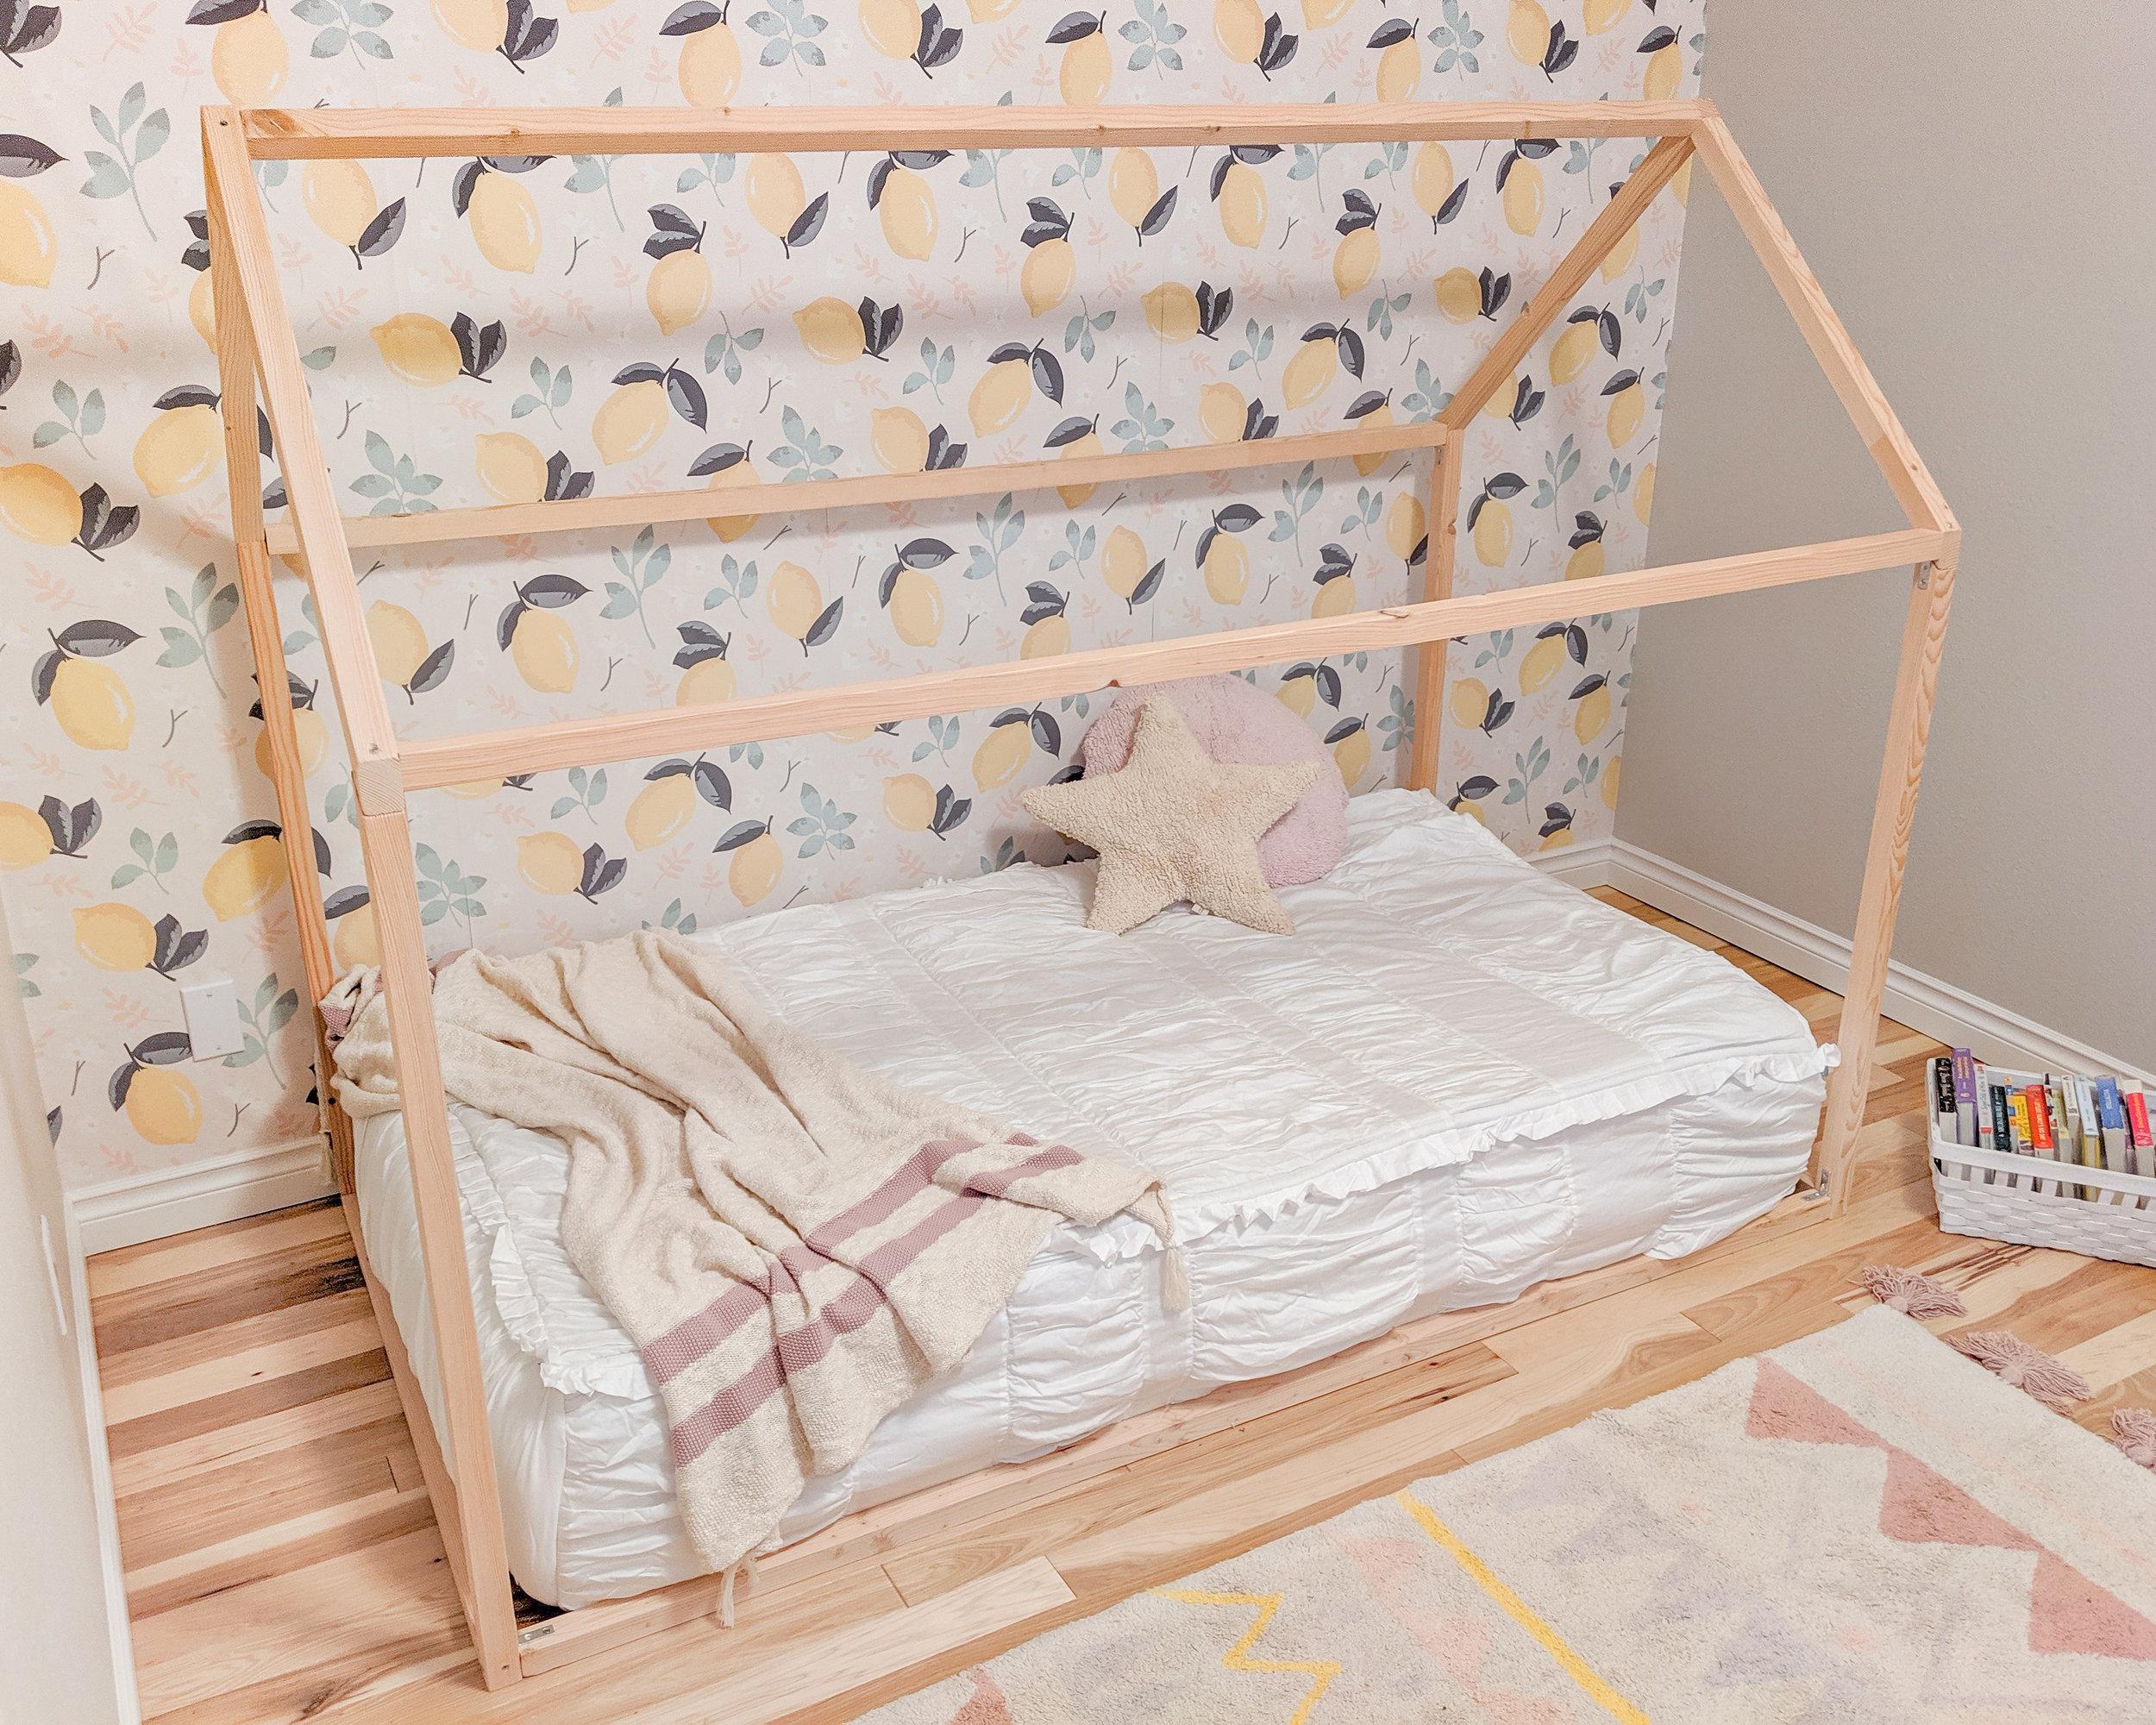 House Frame Floor Bed Toddler Girl's Room